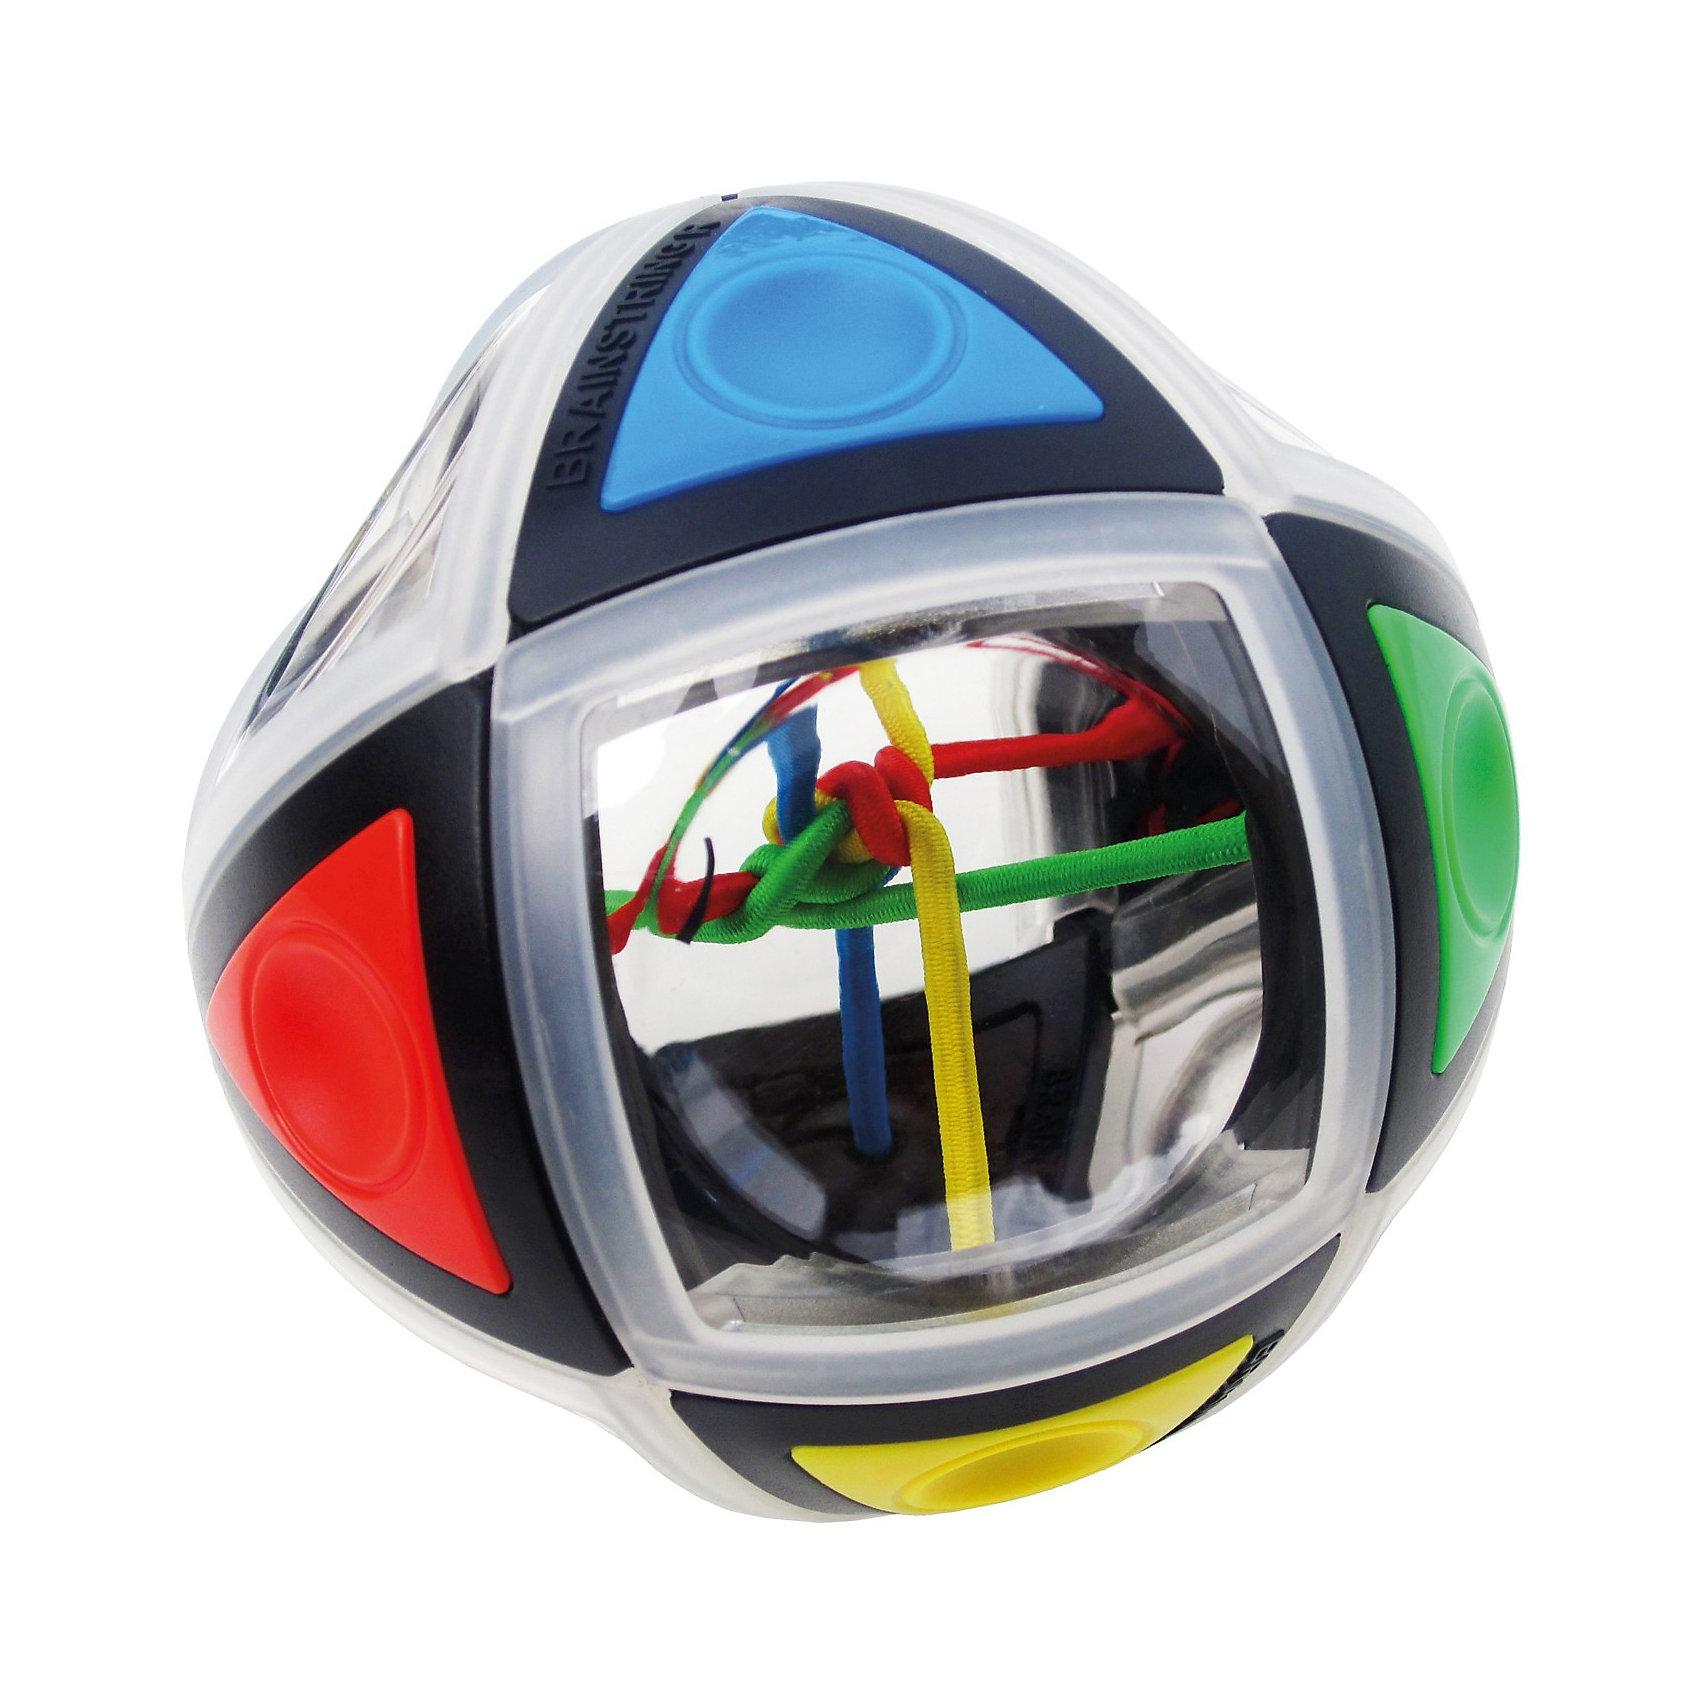 Головоломка BrainString R, Recent ToysИгры в дорогу<br>Головоломка BrainString R, Recent Toys<br><br>Характеристика:<br><br>-Возраст: от 7 лет<br>-Размер: 9,3 см<br><br>Задача головоломки довольно сложная : распутать цветные нити можно только путем вращений и поворотов поверхности шара. Внутри головоломки всего 4 нити разных цветов, которые хорошо просматриваются через специальные окошки-иллюминаторы на поверхности шара. Шар состоит из небольших деталей, соединенных особым способом, что позволяет поворачивать полусферы головоломки в различных плоскостях, перемещая таким образом цветные нити. Важная особенность BrainString-R в том, что шар сам помогает найти решение и распутать цветные резиночки в центре шара. Такая головоломка отлично развивает логическое мышление и зрительное восприятие. <br><br>Головоломка BrainString R, Recent Toys можно приобрести в нашем интернет-магазине.<br><br>Ширина мм: 100<br>Глубина мм: 210<br>Высота мм: 210<br>Вес г: 250<br>Возраст от месяцев: 84<br>Возраст до месяцев: 168<br>Пол: Унисекс<br>Возраст: Детский<br>SKU: 2556269